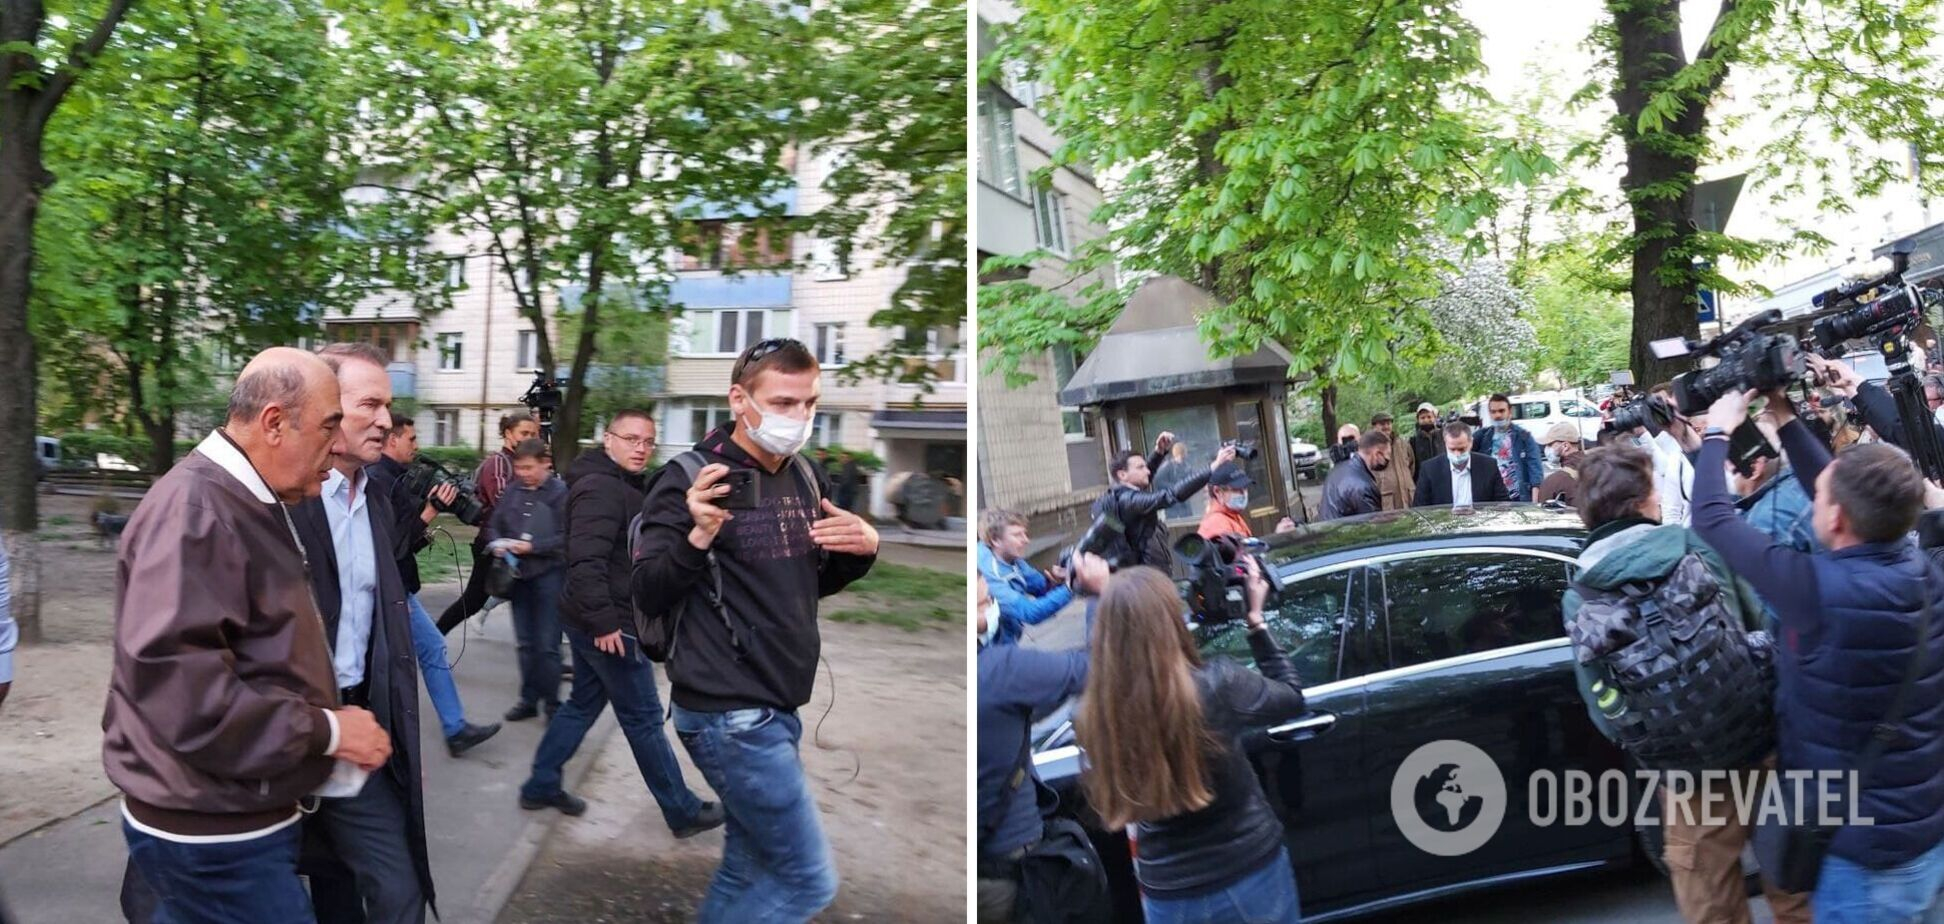 Медведчук отримав в ОГП підозру в держзраді: його не затримали. Фото та відео